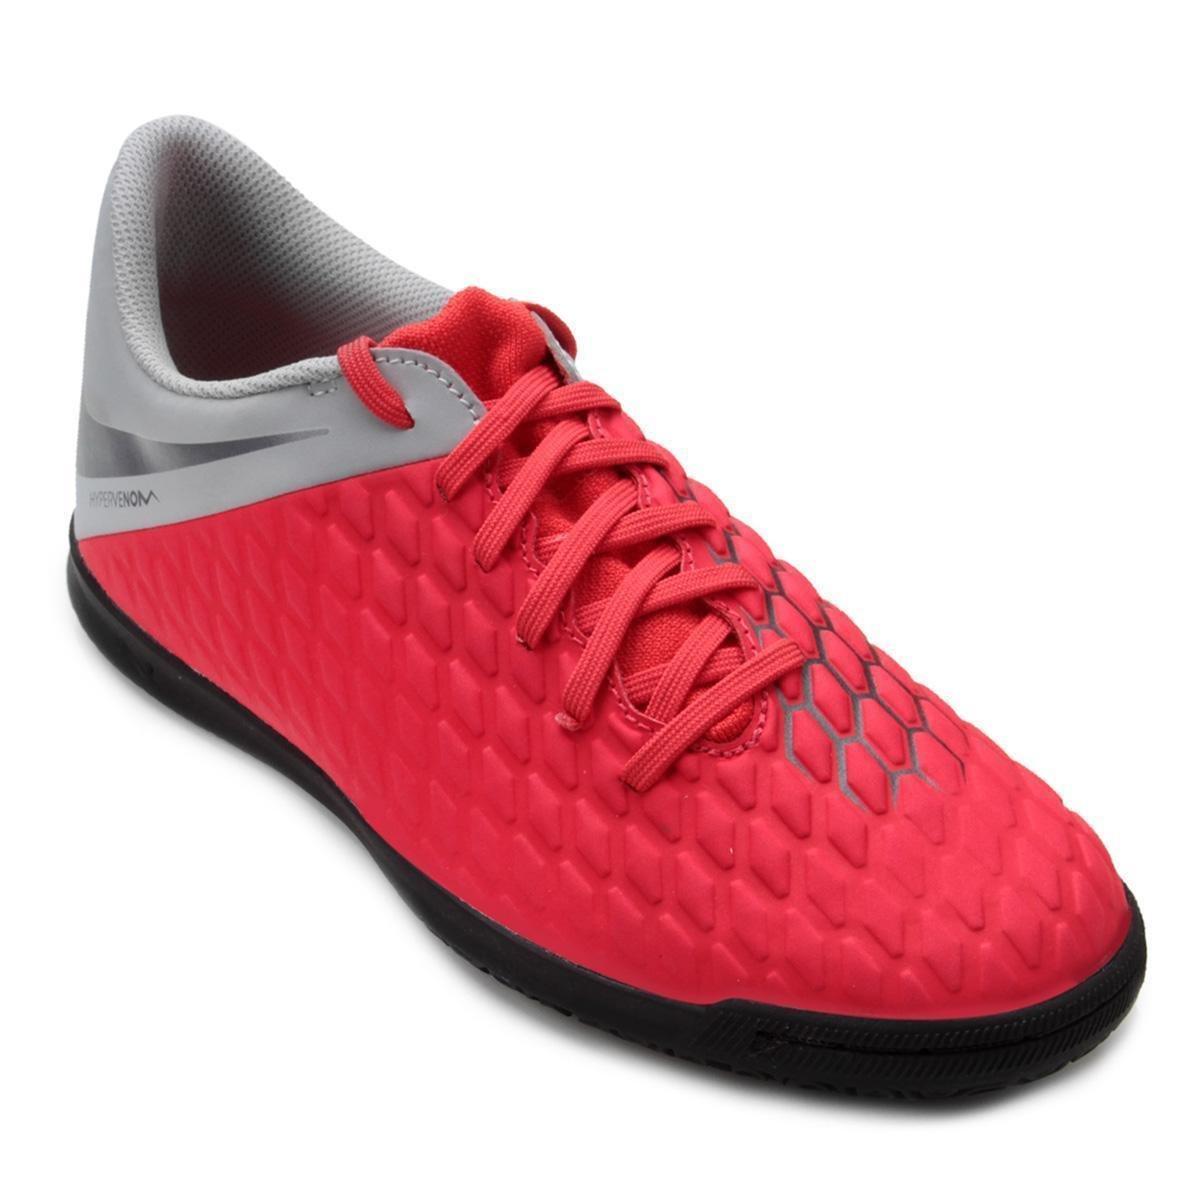 f1a2c17c98a9 ... usa 04727 1a5be chuteira futsal nike hypervenom phantom 3 club ic  masculina vermelhocinza buying ddfc5 4f407